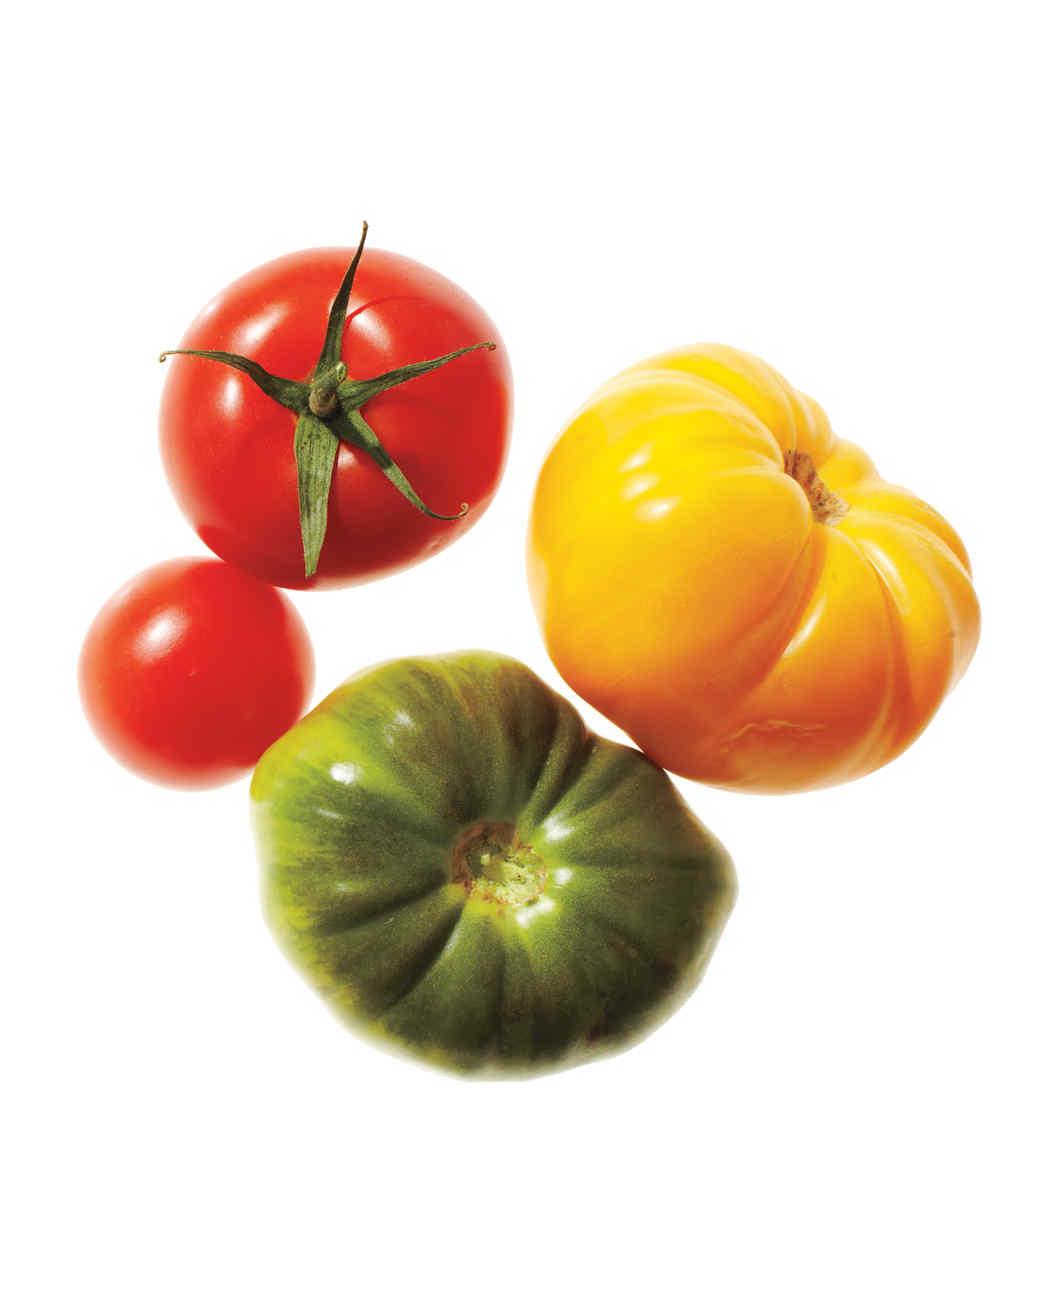 tomatoes-med108826.jpg